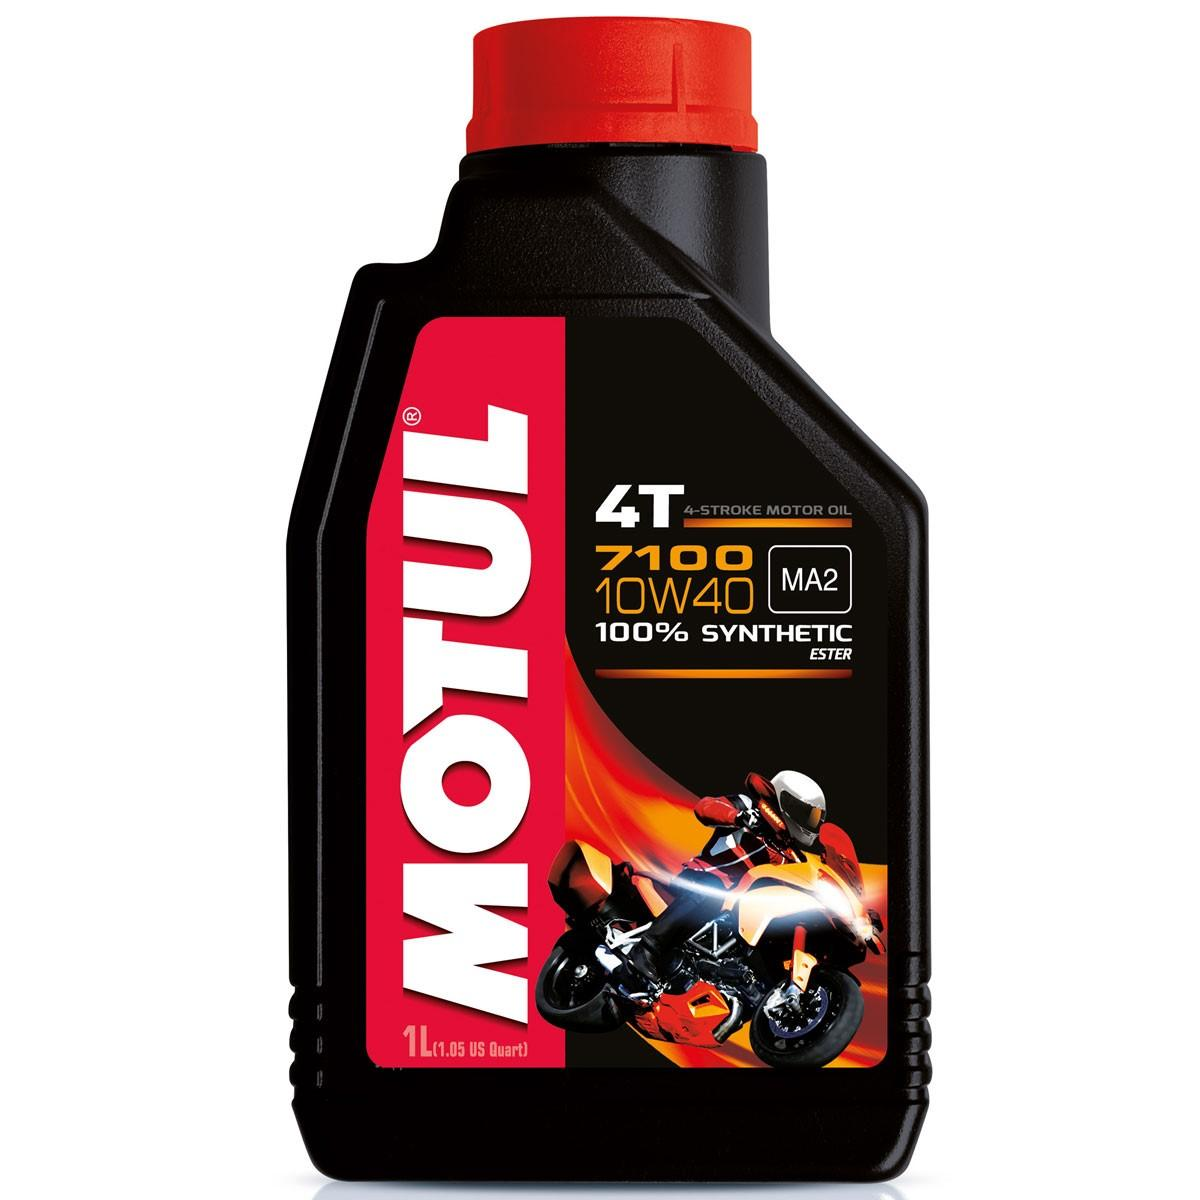 OLIO MOTORE MOTUL 7100 per MOTO e SCOOTER 4 TEMPI 100% SINTETICO  SAE 10W40